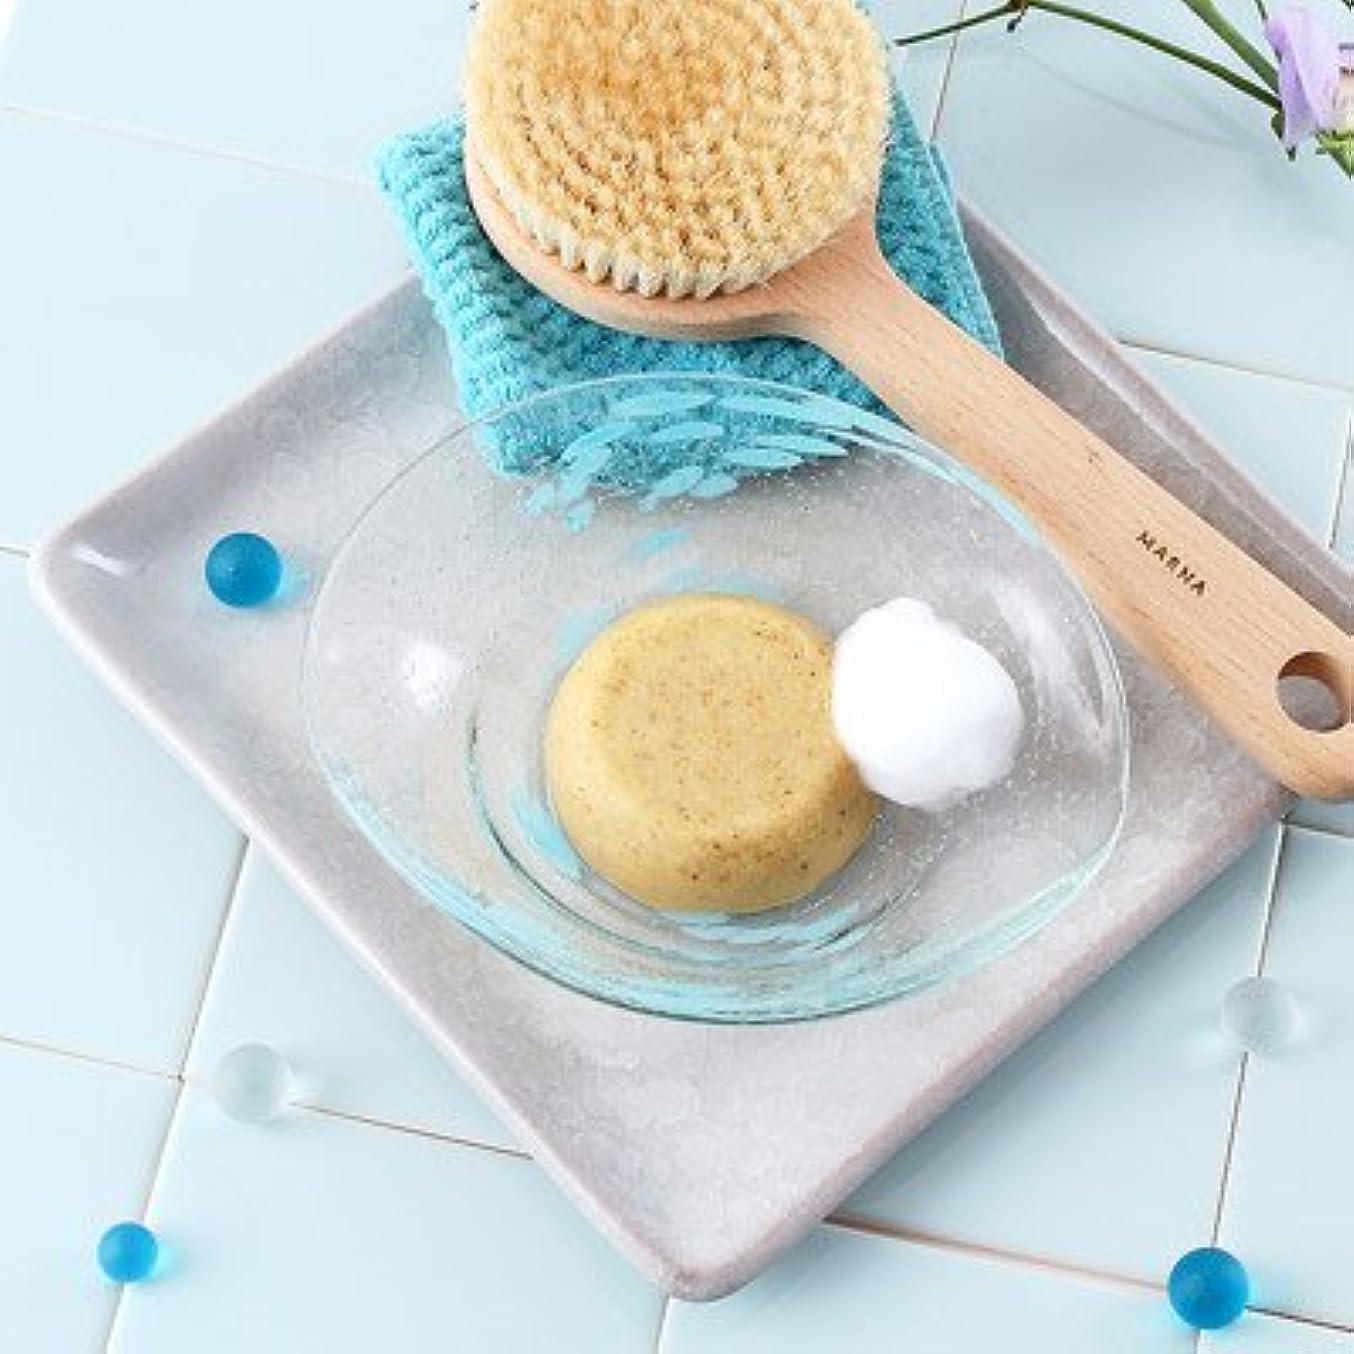 ハイブリッド編集するテンションフルーツ30品や蜂蜜で作られた石鹸 38プレミアム